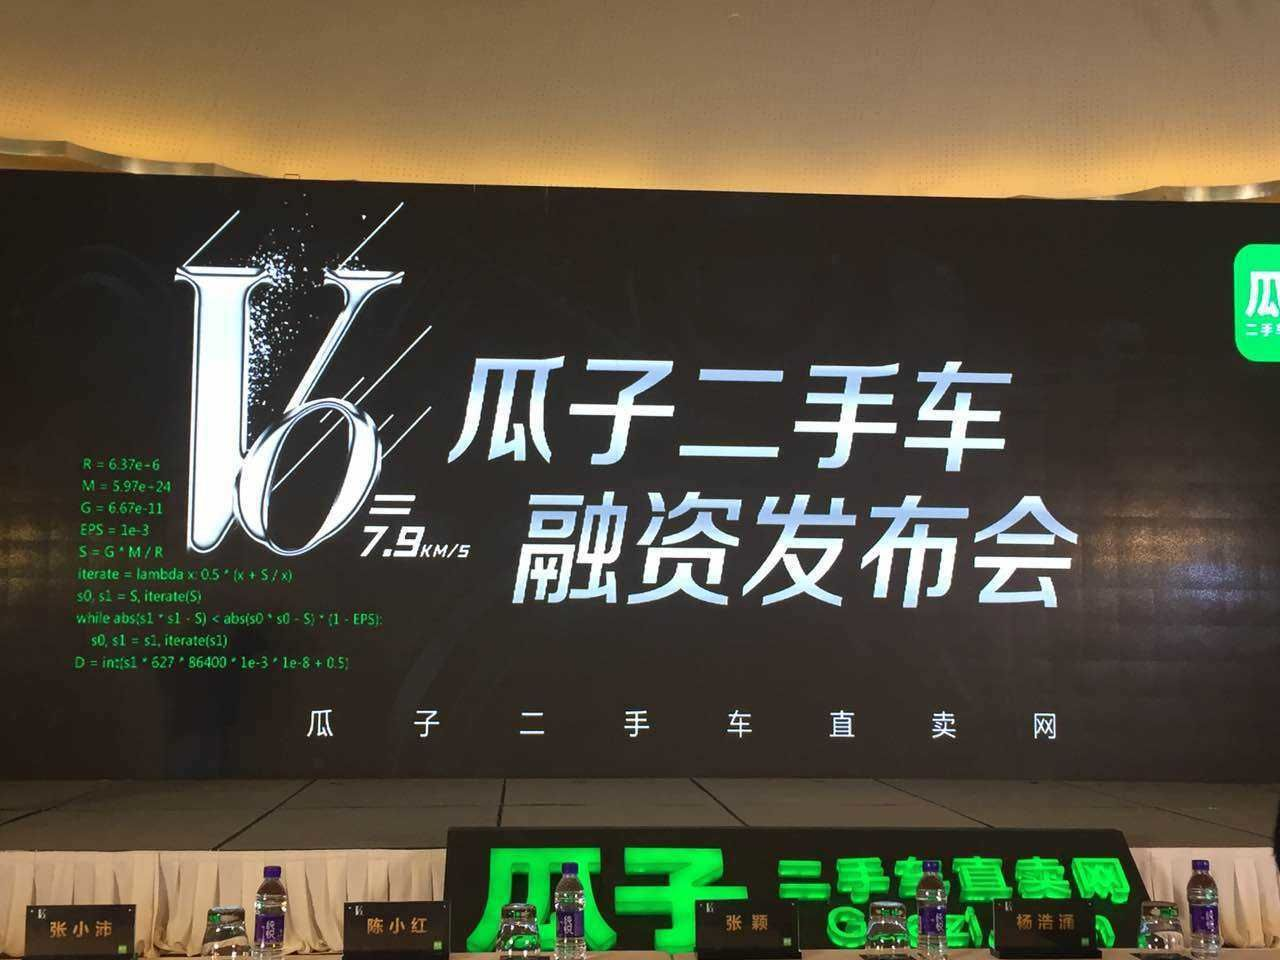 瓜子二手车宣布 B 轮融资超 4 亿美元,第四季度或盈利